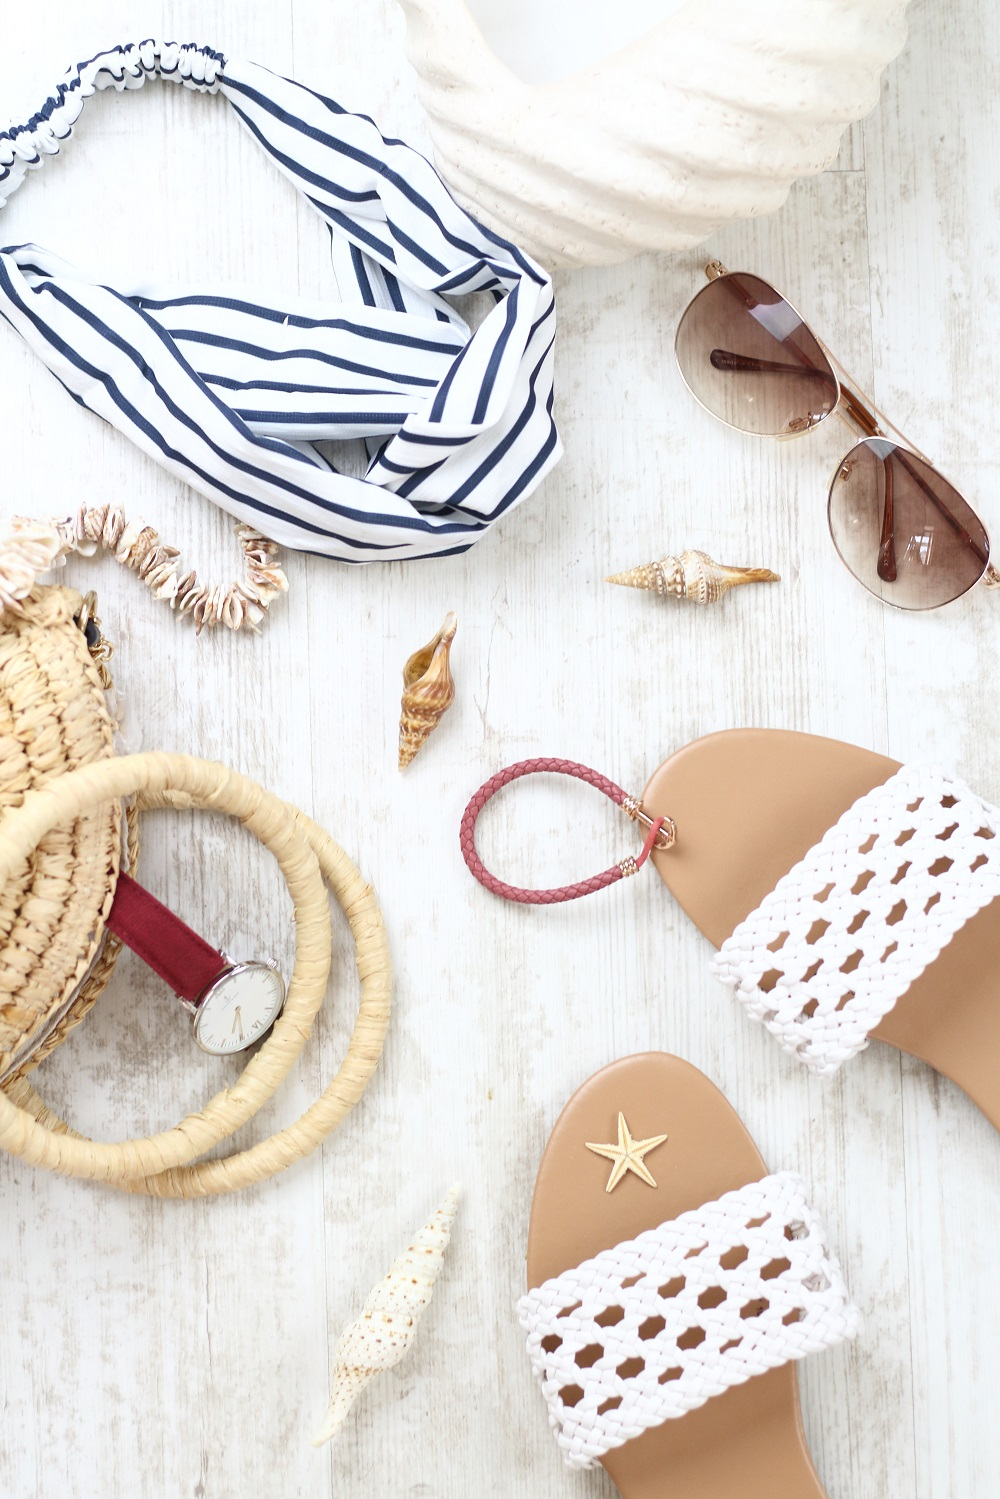 [Werbung unbeauftragt] Urlaubsfeeling mit den schönsten Accessoires für den Sommer